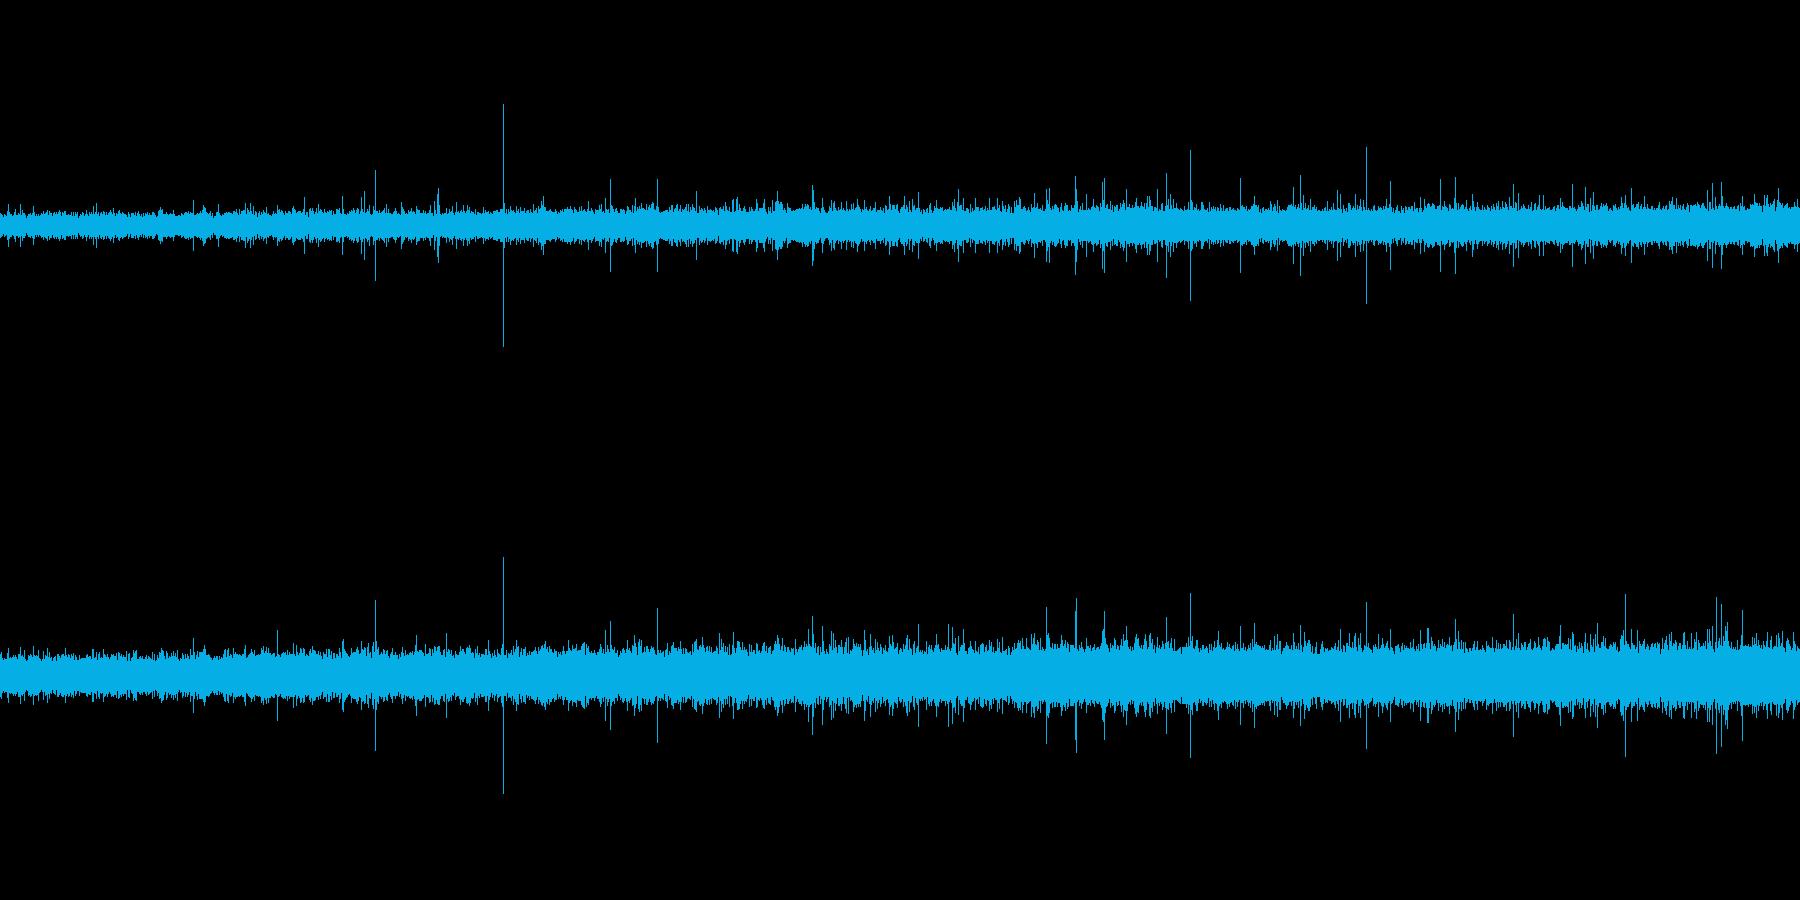 「雨の音 (どしゃ降り)」の再生済みの波形